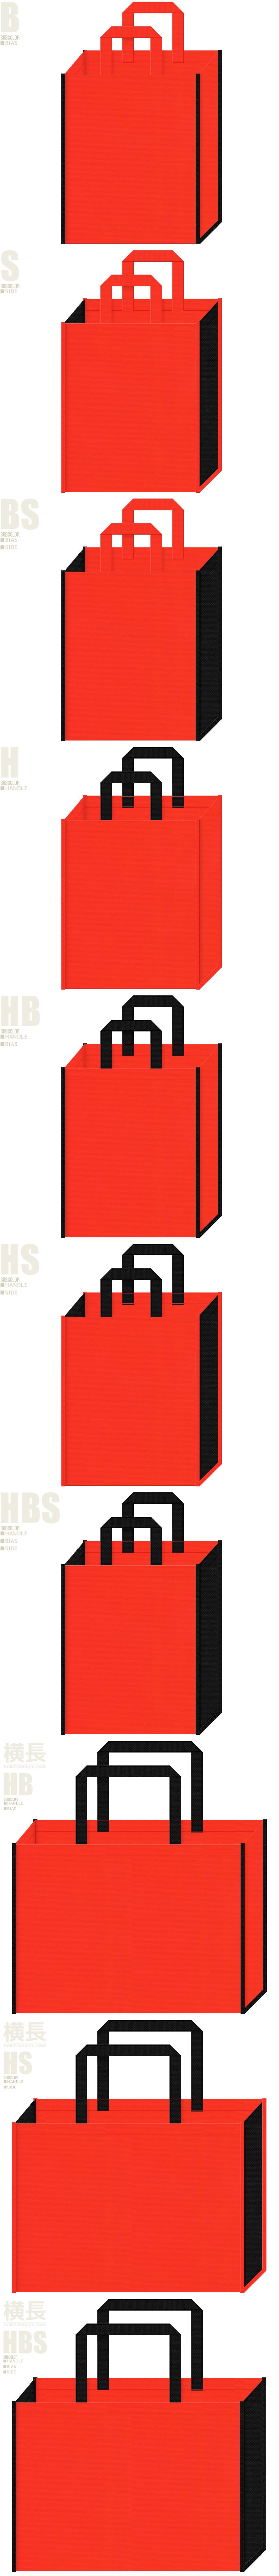 ハロウィン・イクラ丼・アリーナ・ユニフォーム・シューズ・スポーツイベント・スポーティーファッション・スポーツ用品の展示会用バッグにお奨めの不織布バッグデザイン:オレンジ色と黒色の配色7パターン